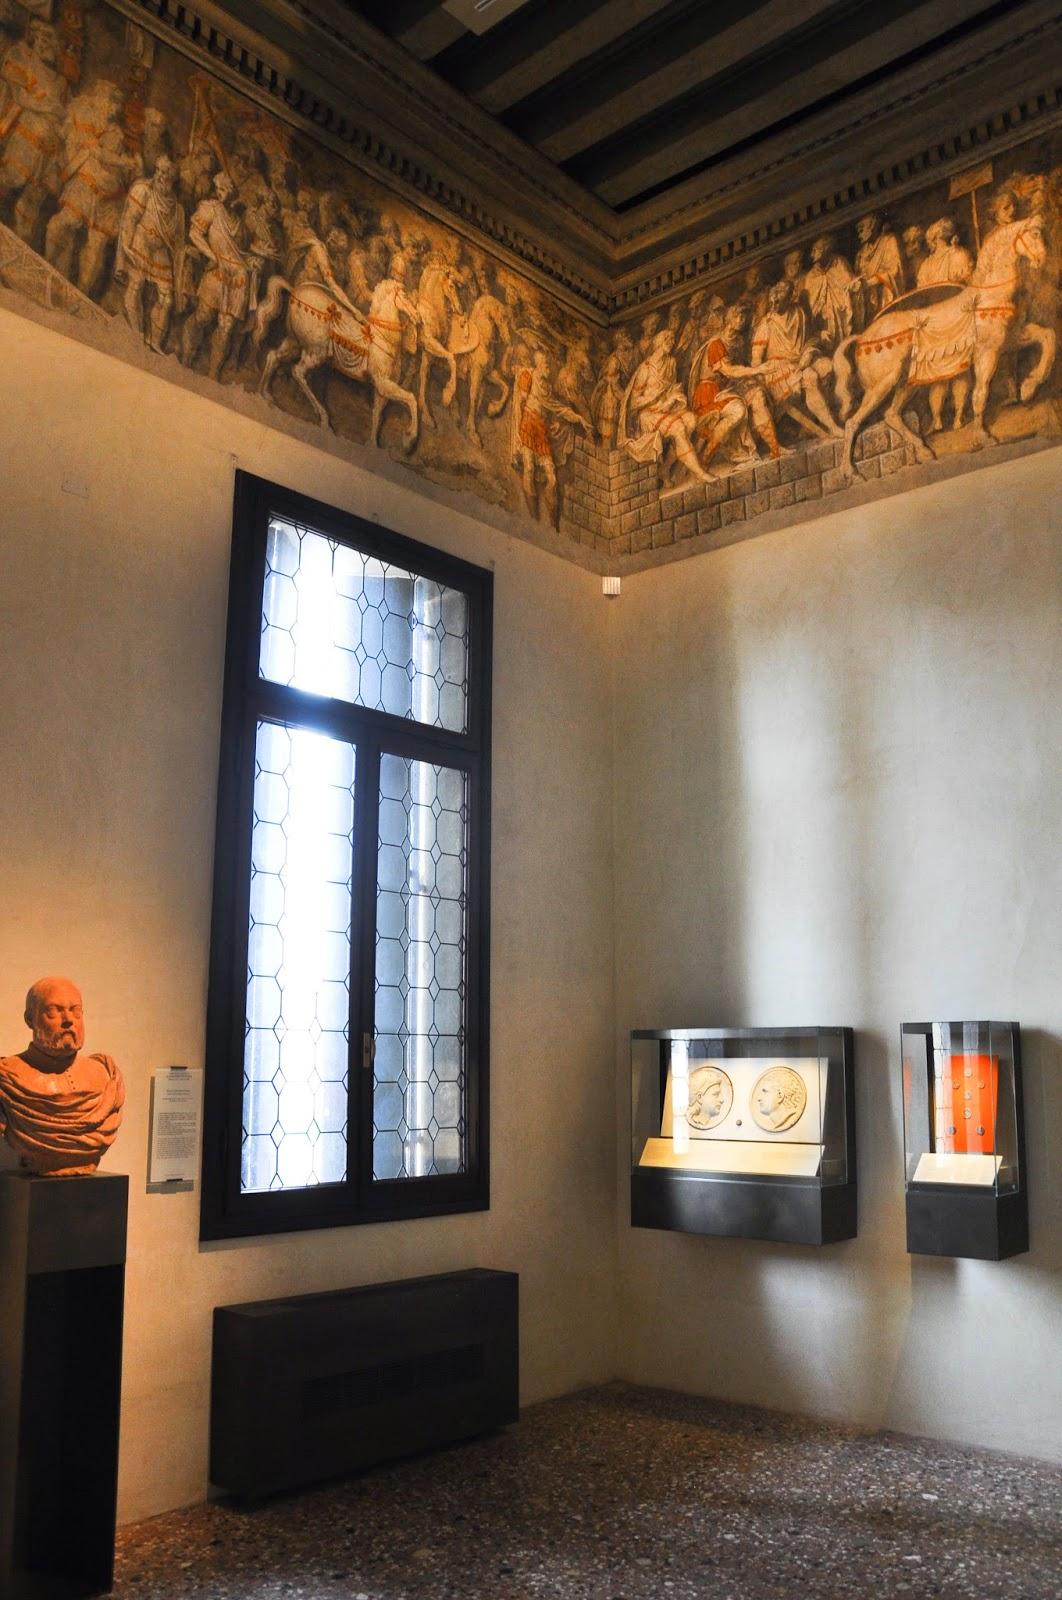 stunning frieze Civic Art Gallery Palazzo Chiericati Vicenza Italy